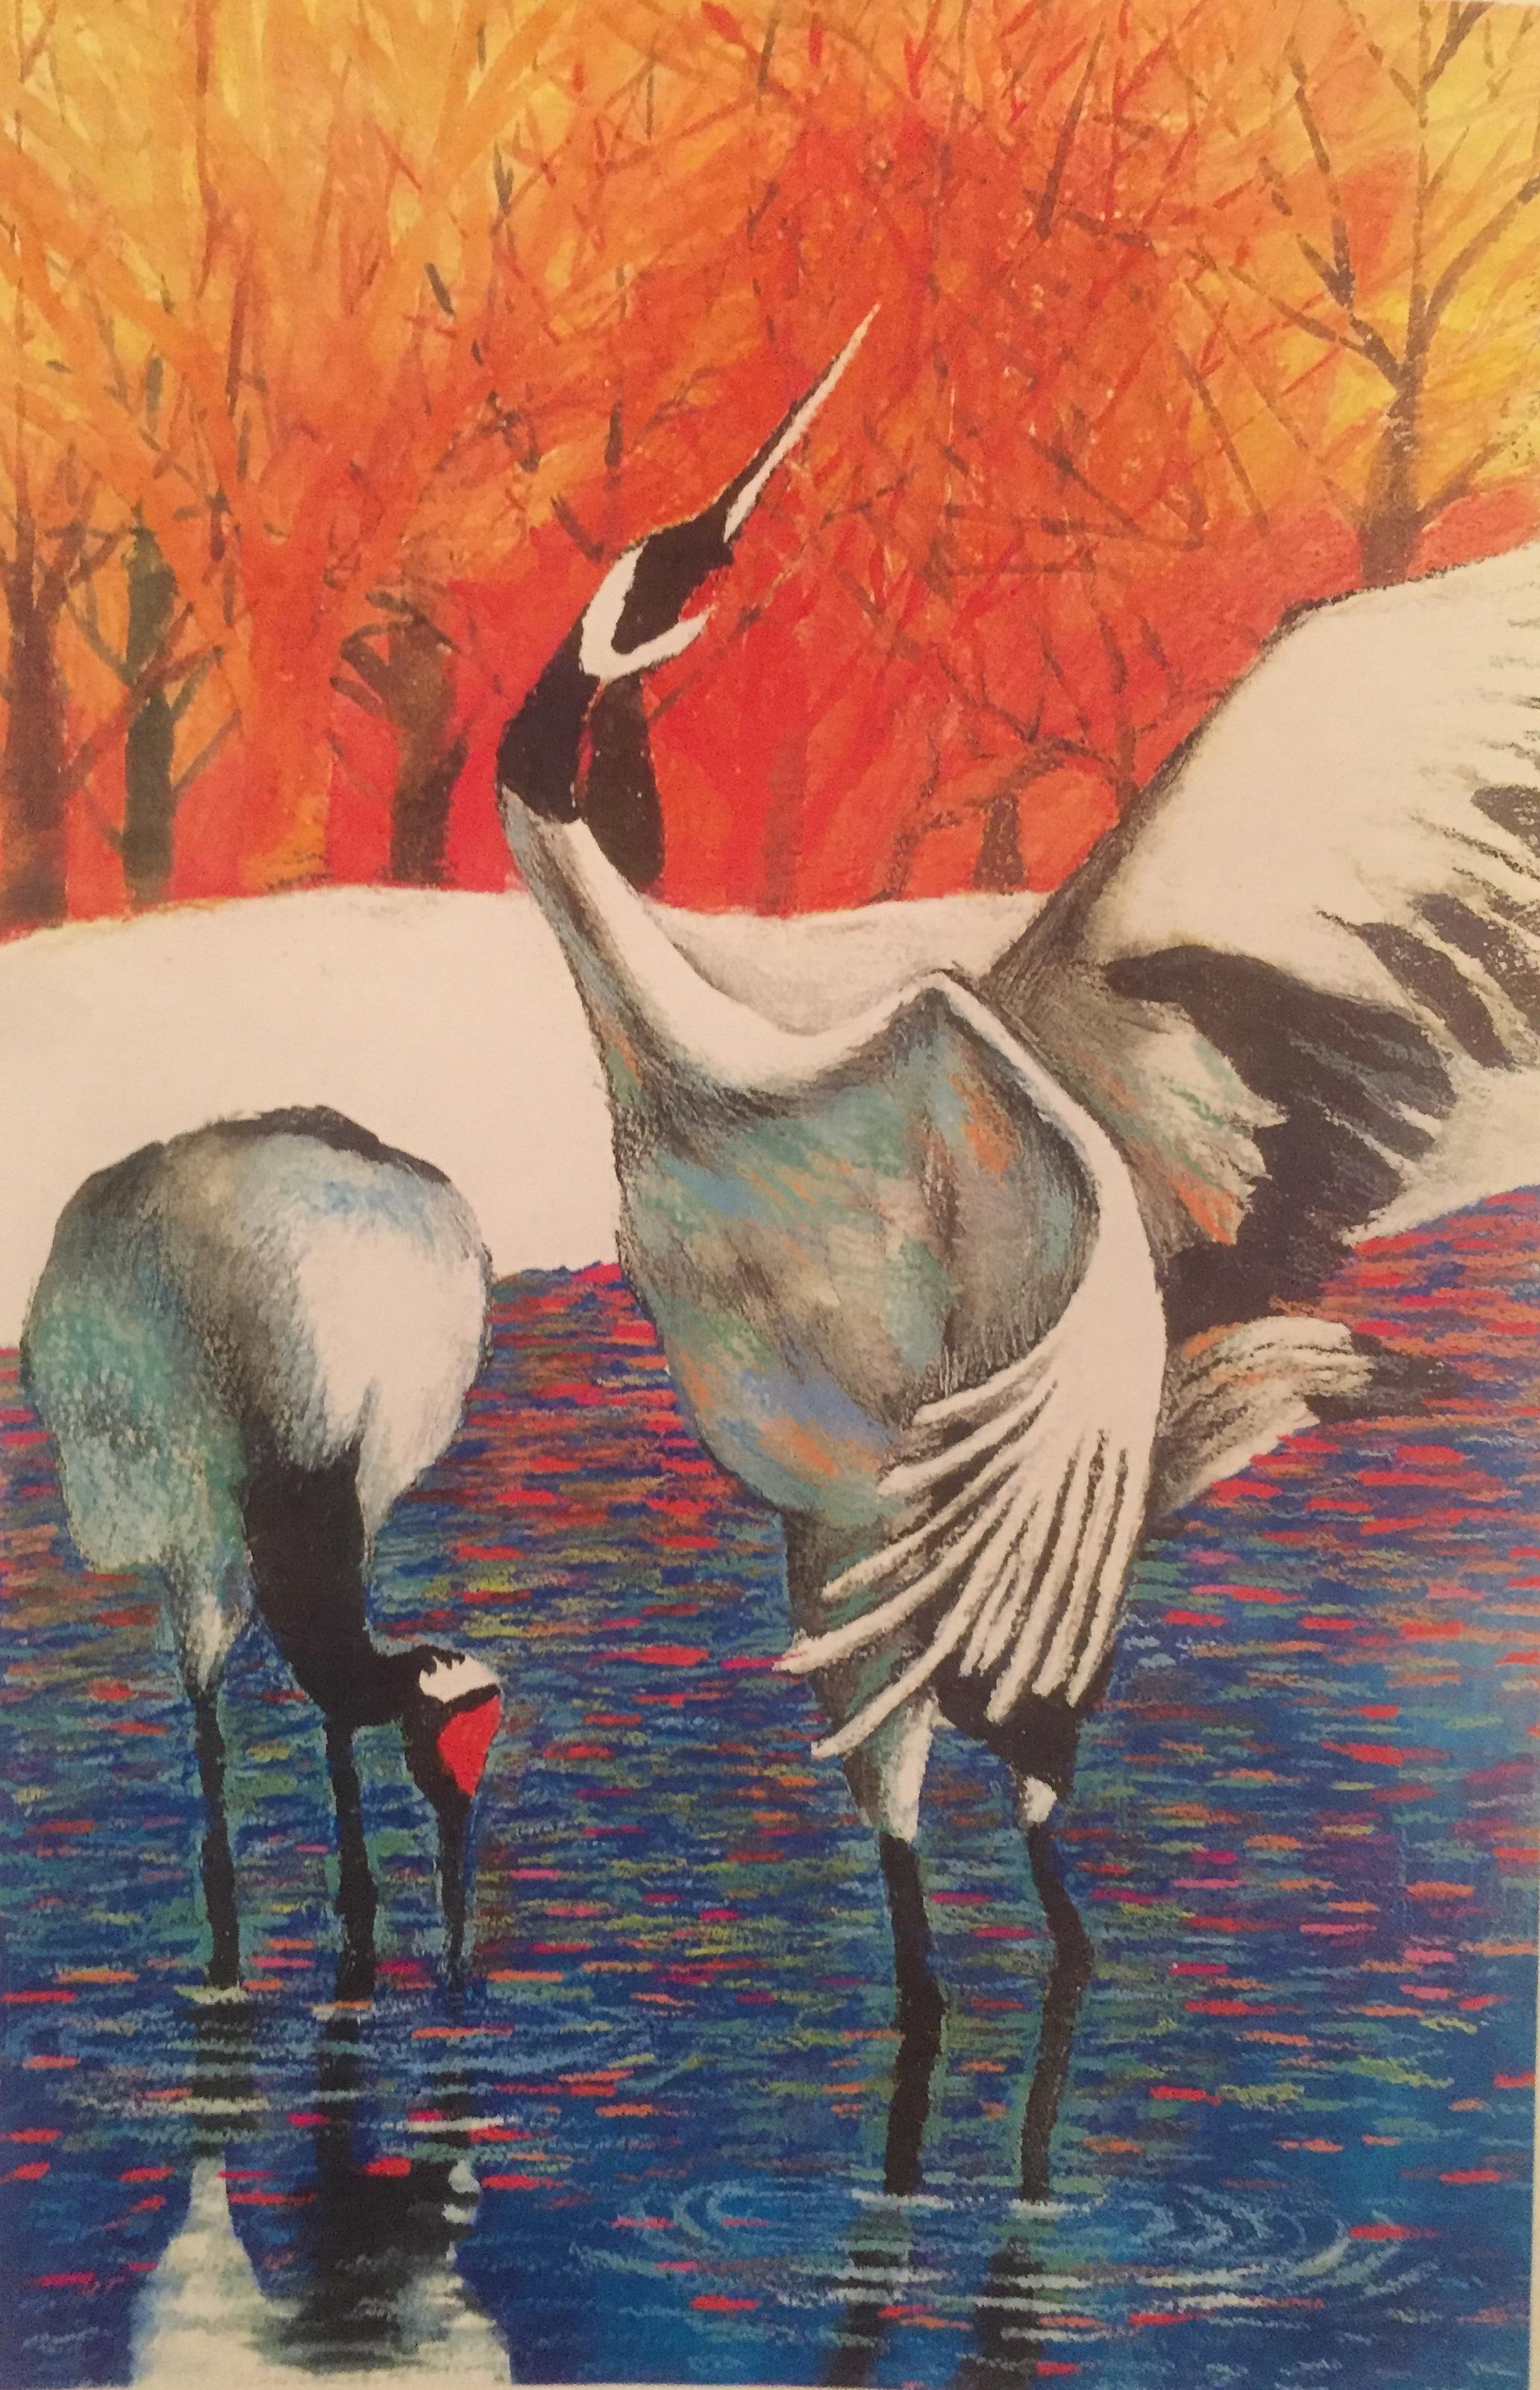 Hhak (Korean Cranes),  Colored Pencils on Watercolor